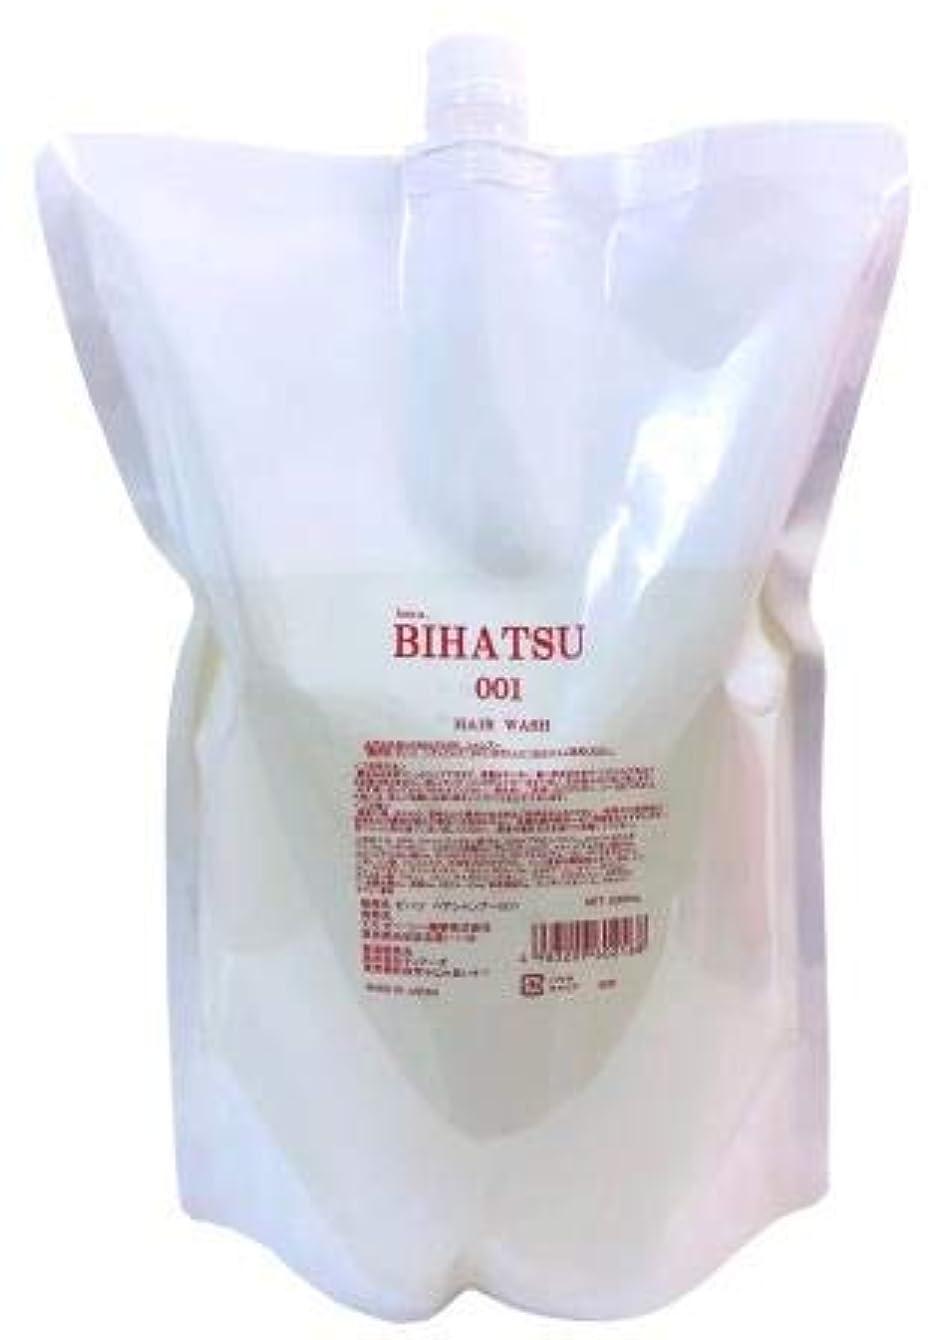 意気消沈したキッチン果てしないBIHATSU 001 HAIR WASH 2.000ml 詰替え